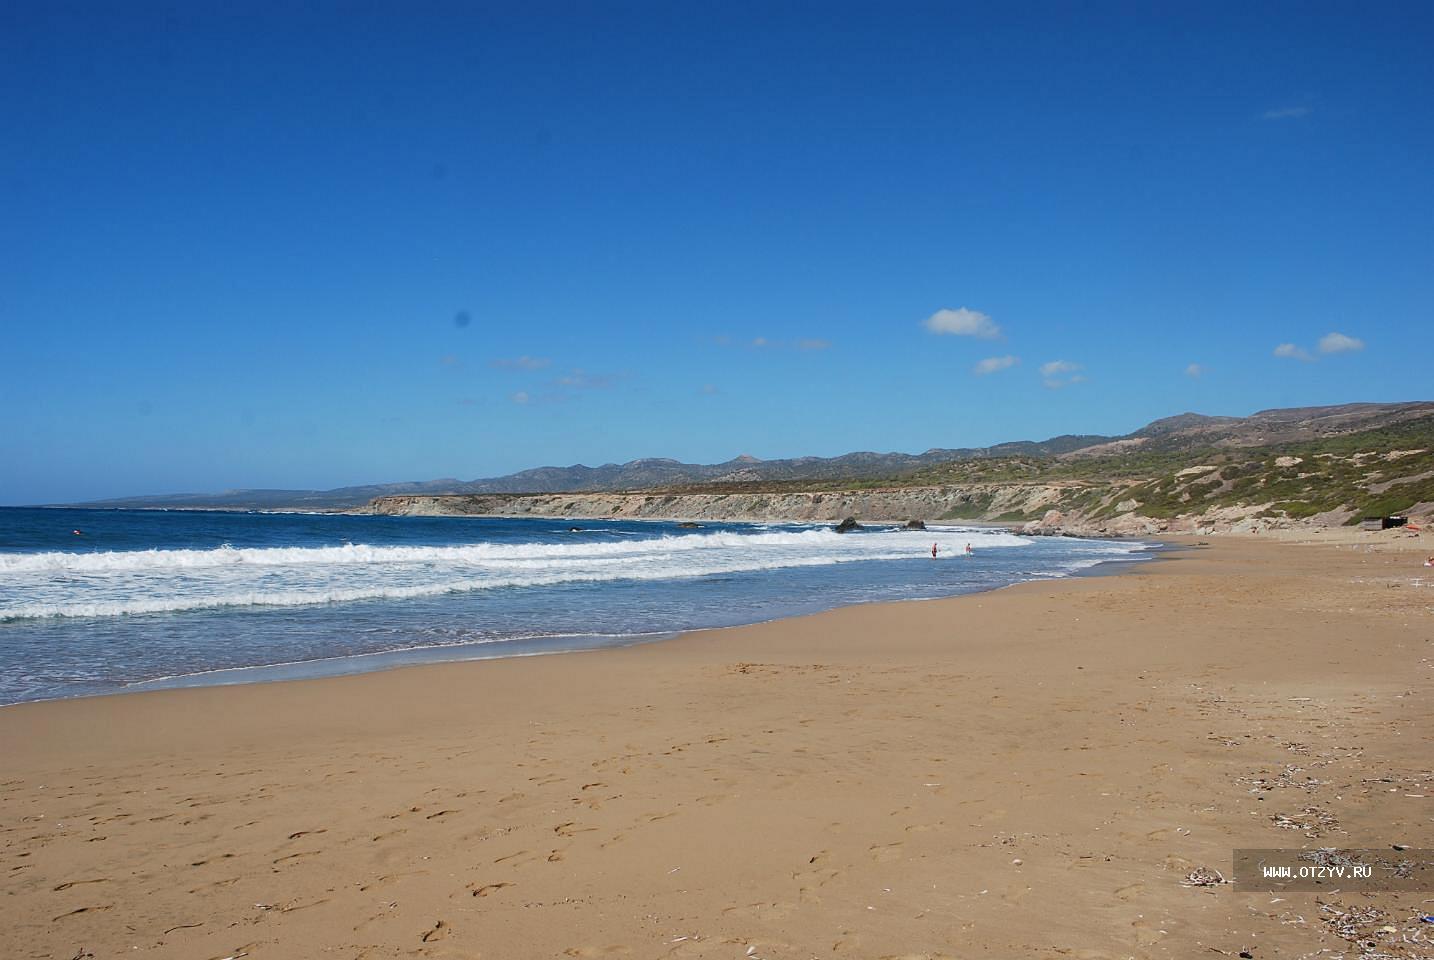 Рассказы про пляж 8 фотография